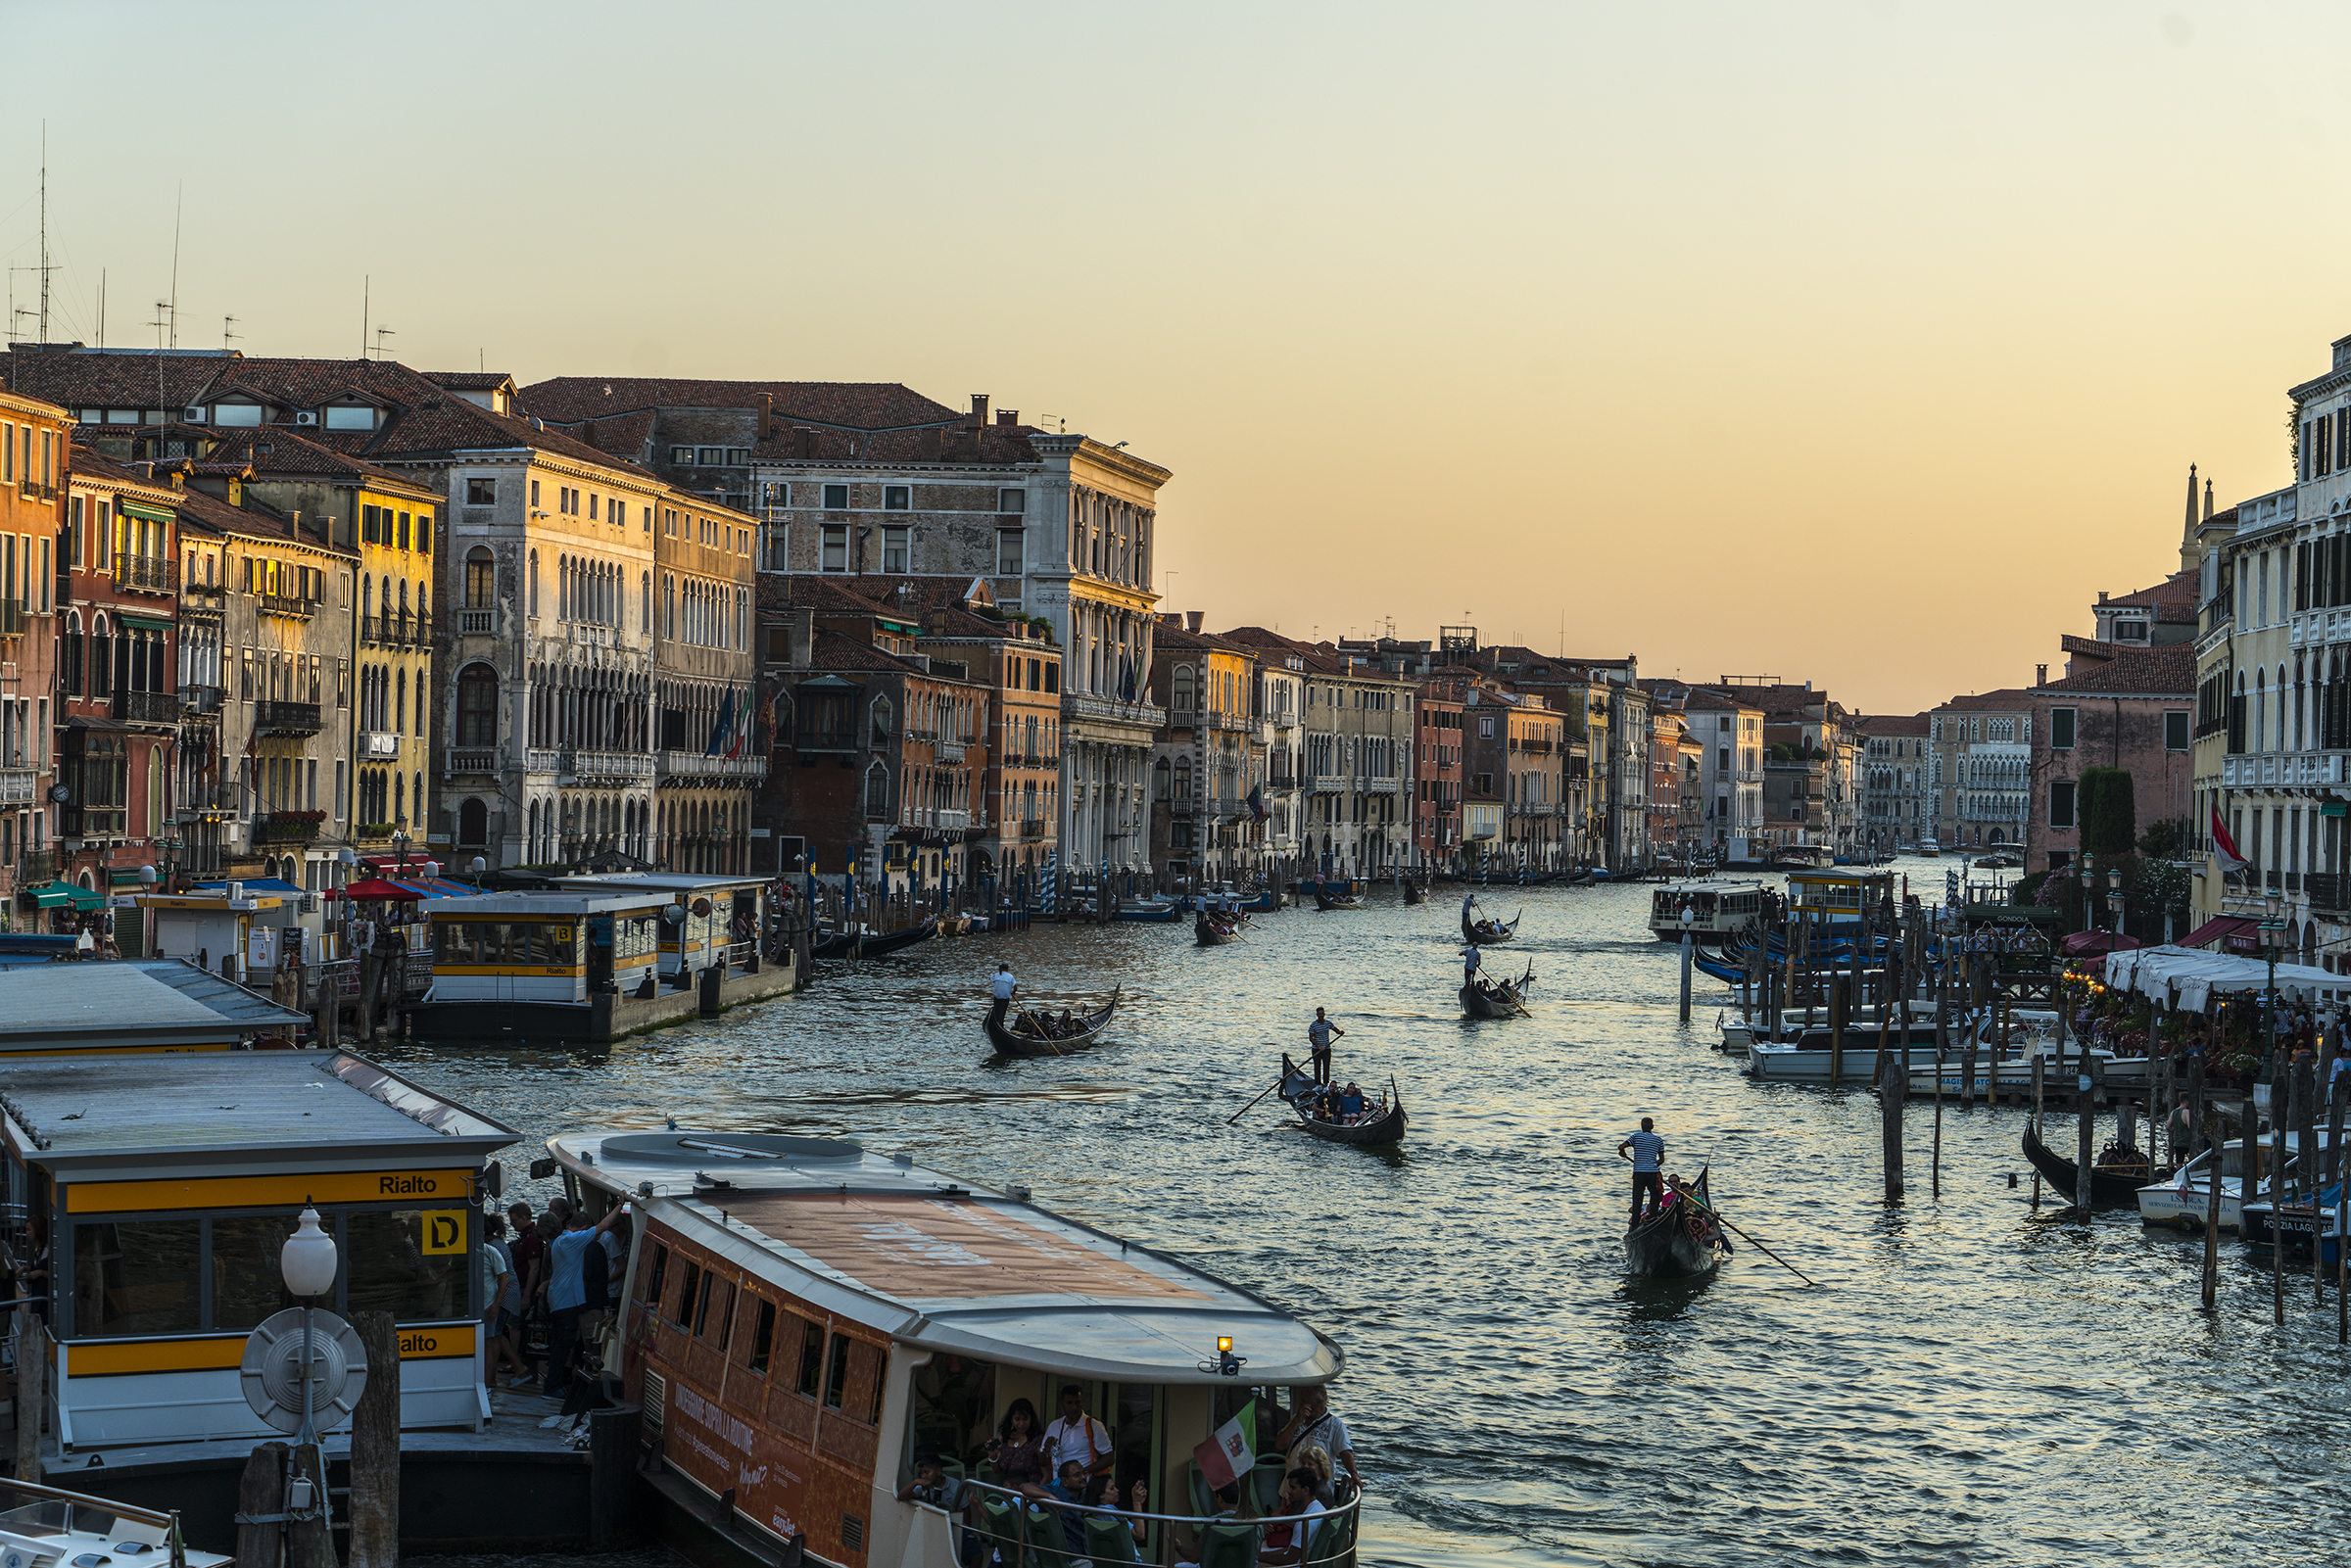 (c) 2017 Right Half Media - Venice, Italy Photograph #1